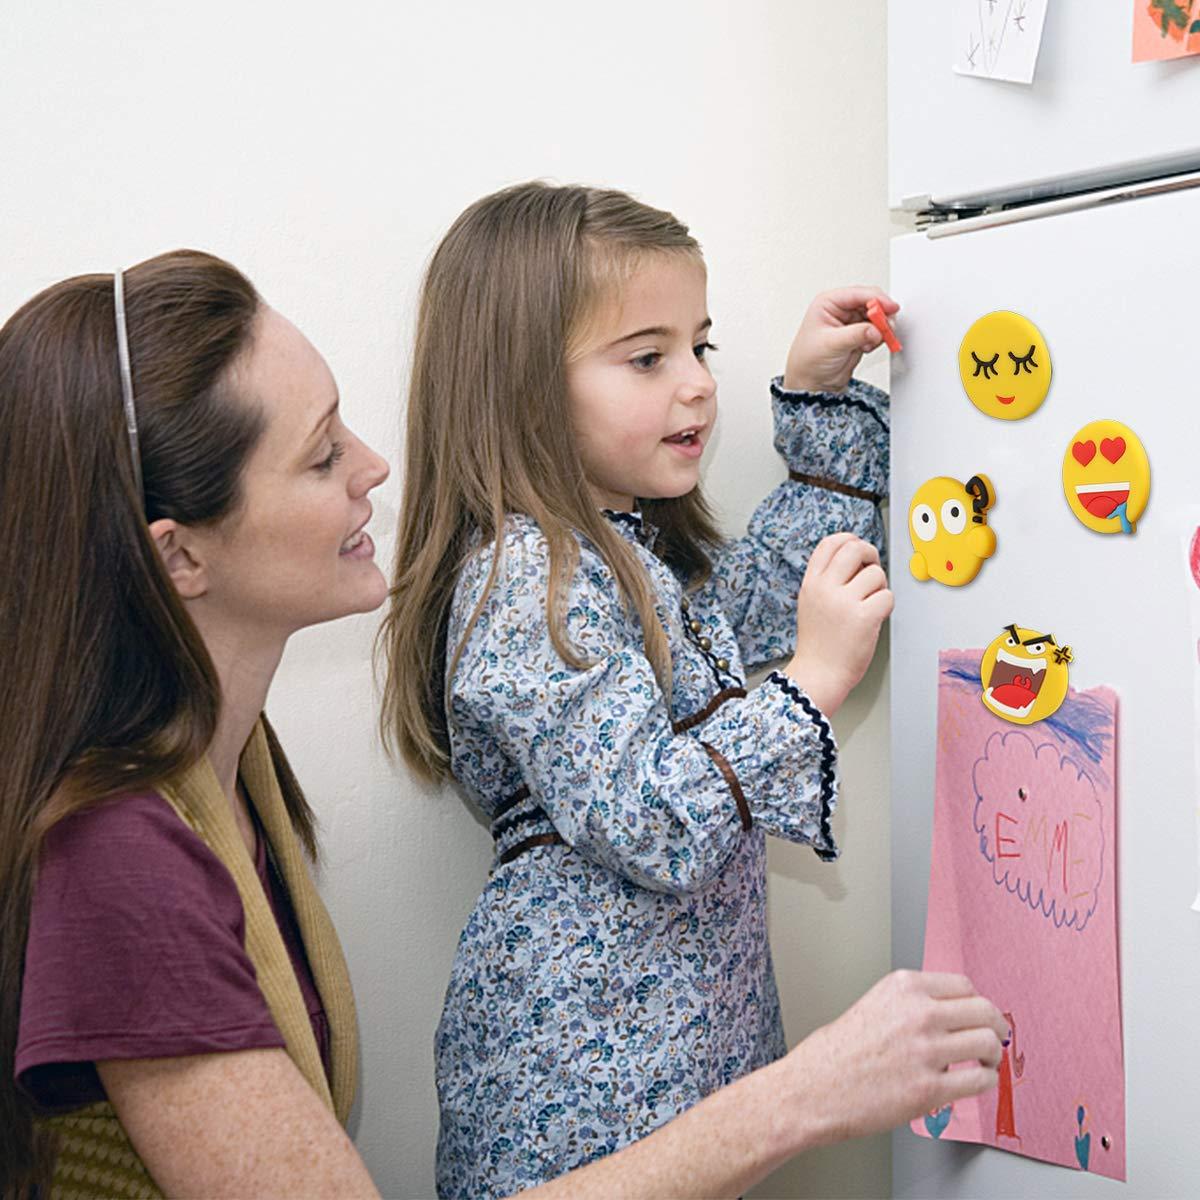 K/ühlschrank Tectri Magnet Spiele f/ür Kinder B/üro und Klassenzimmer K/üche Magnettafel 27 St/ücke K/ühlschrankmagnete Emoji Magnete Stark Whiteboard